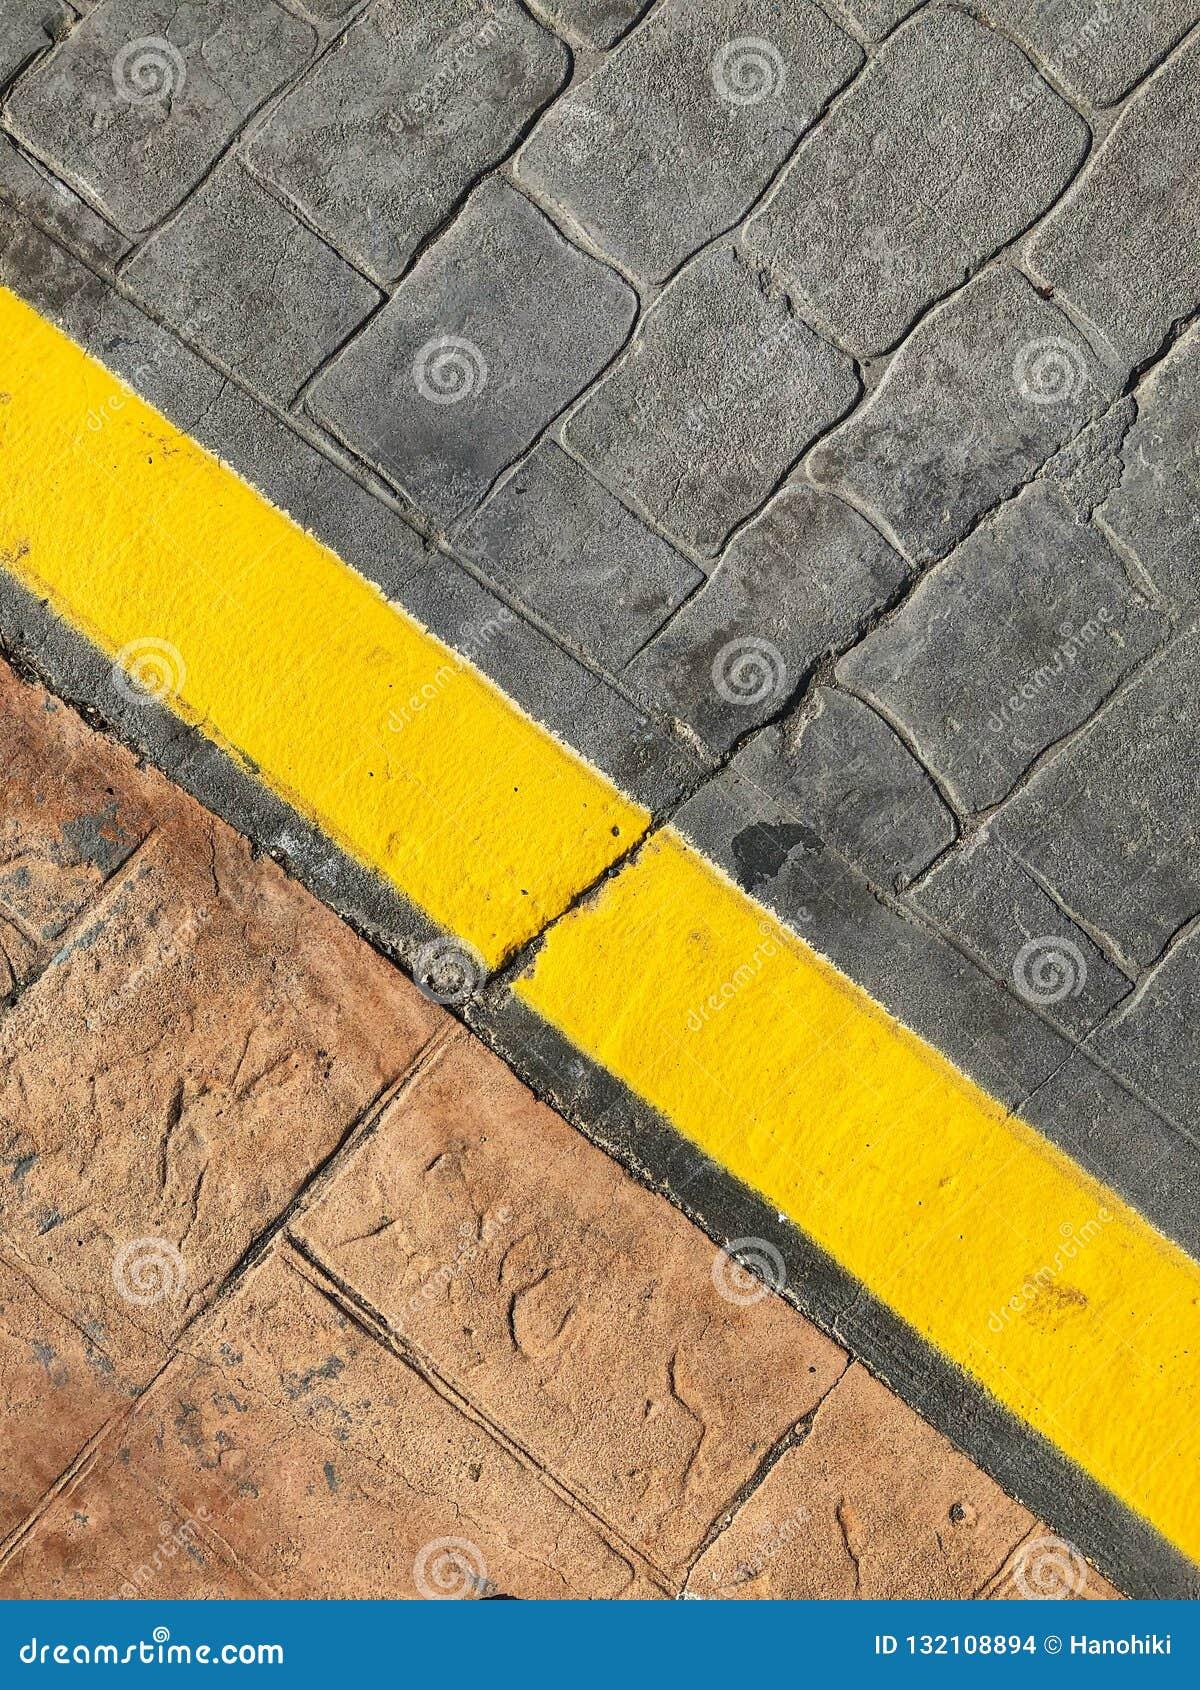 边路背景-在路街道边界的黄线